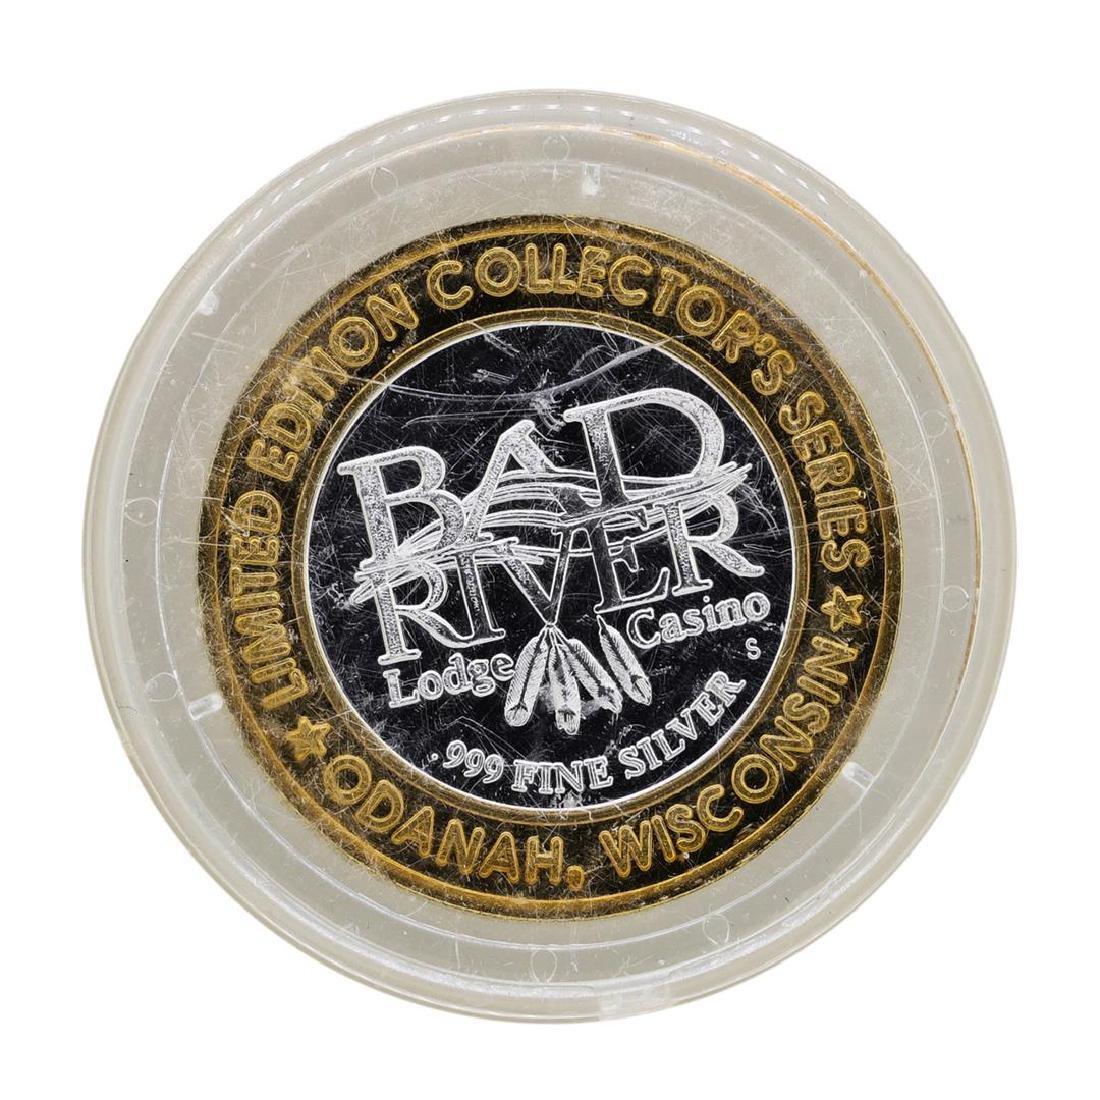 .999 Silver Bad River Lodge Casino Odanah, WI $10